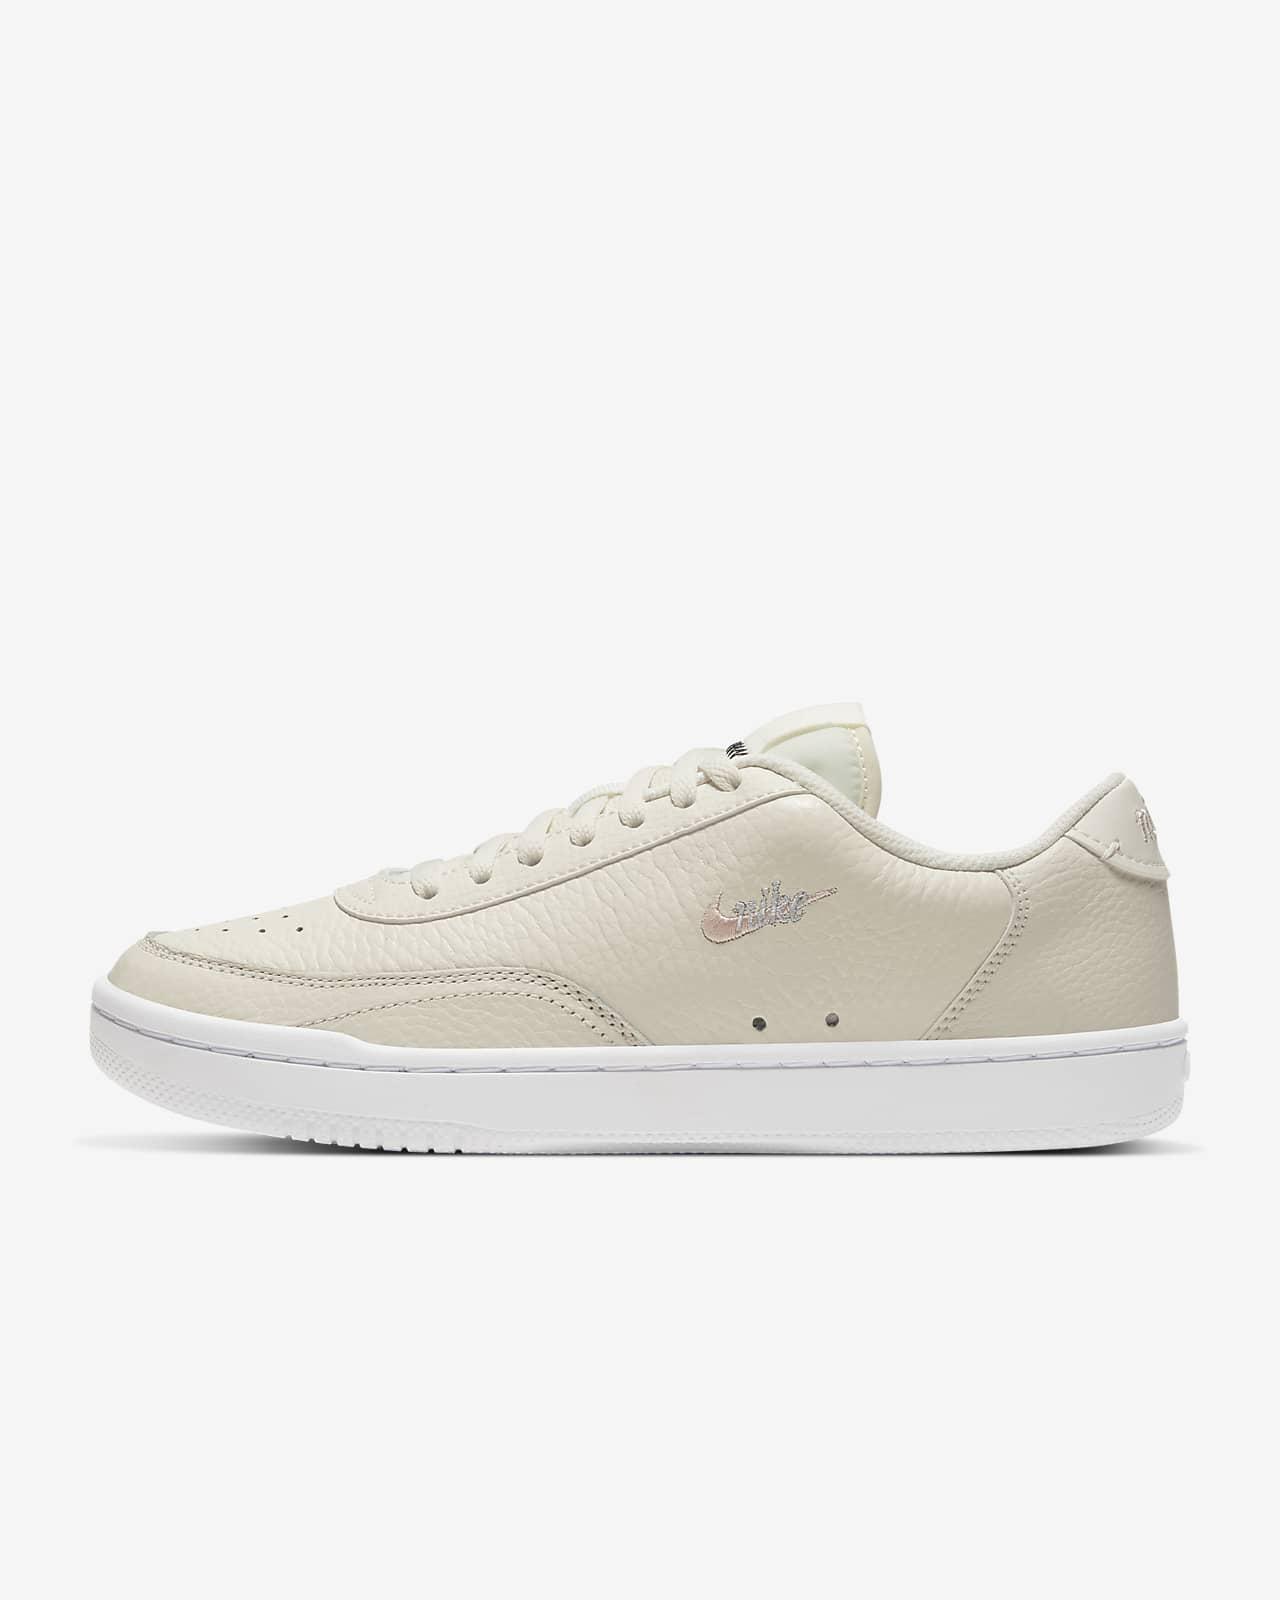 chaussure nike femme beige